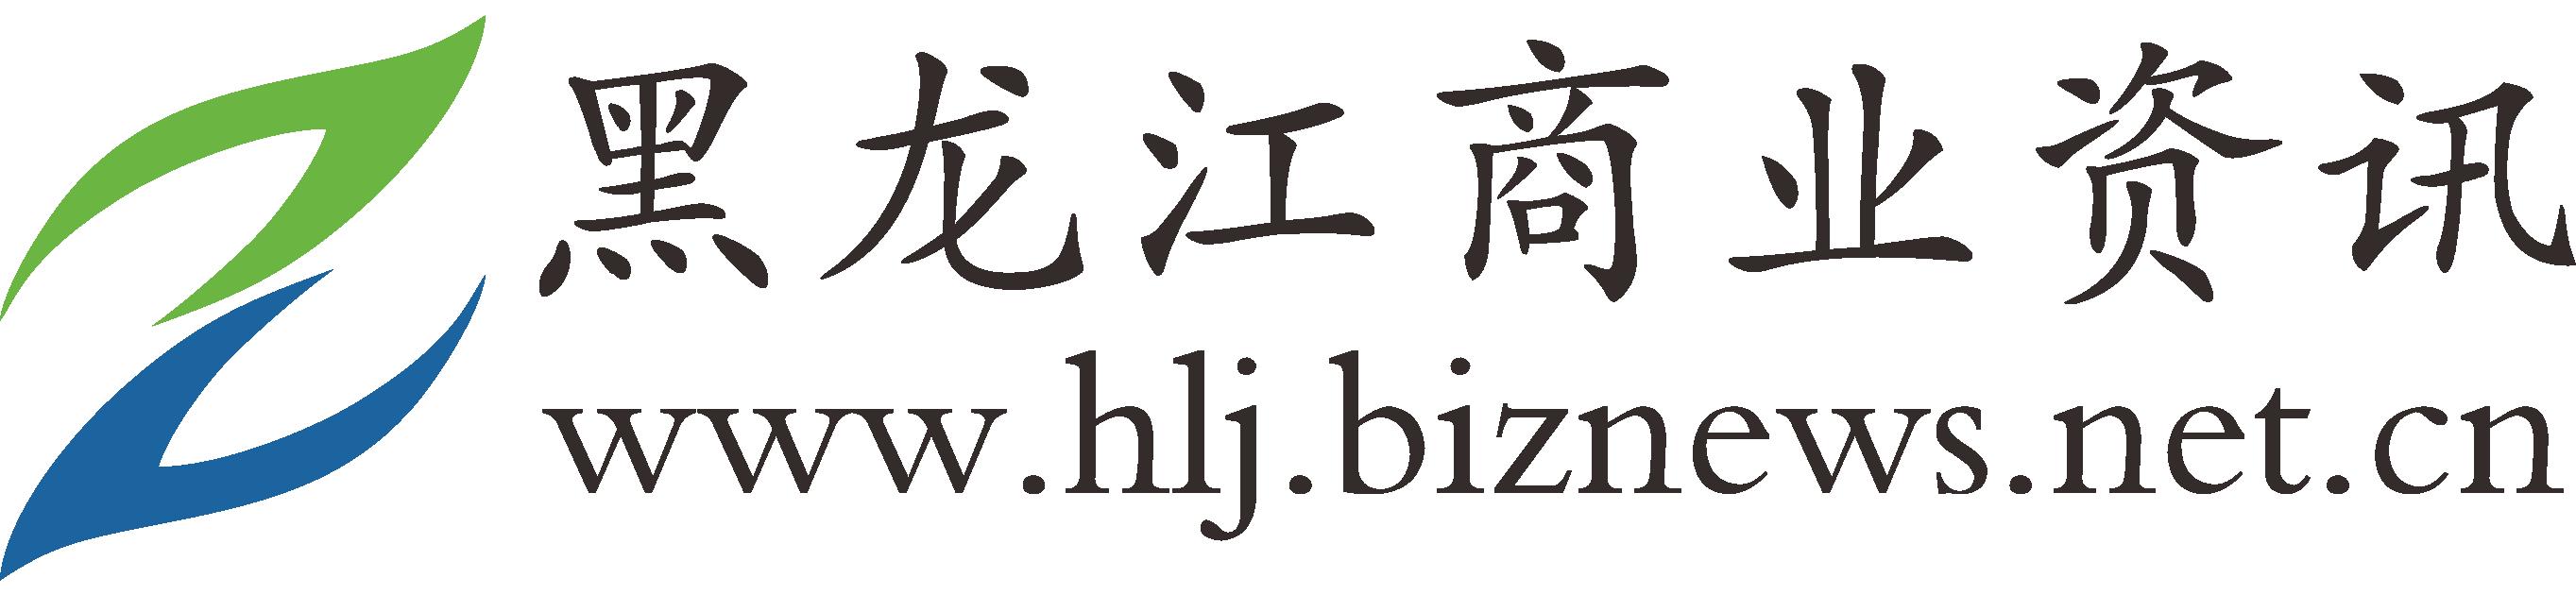 黑龙江商业资讯